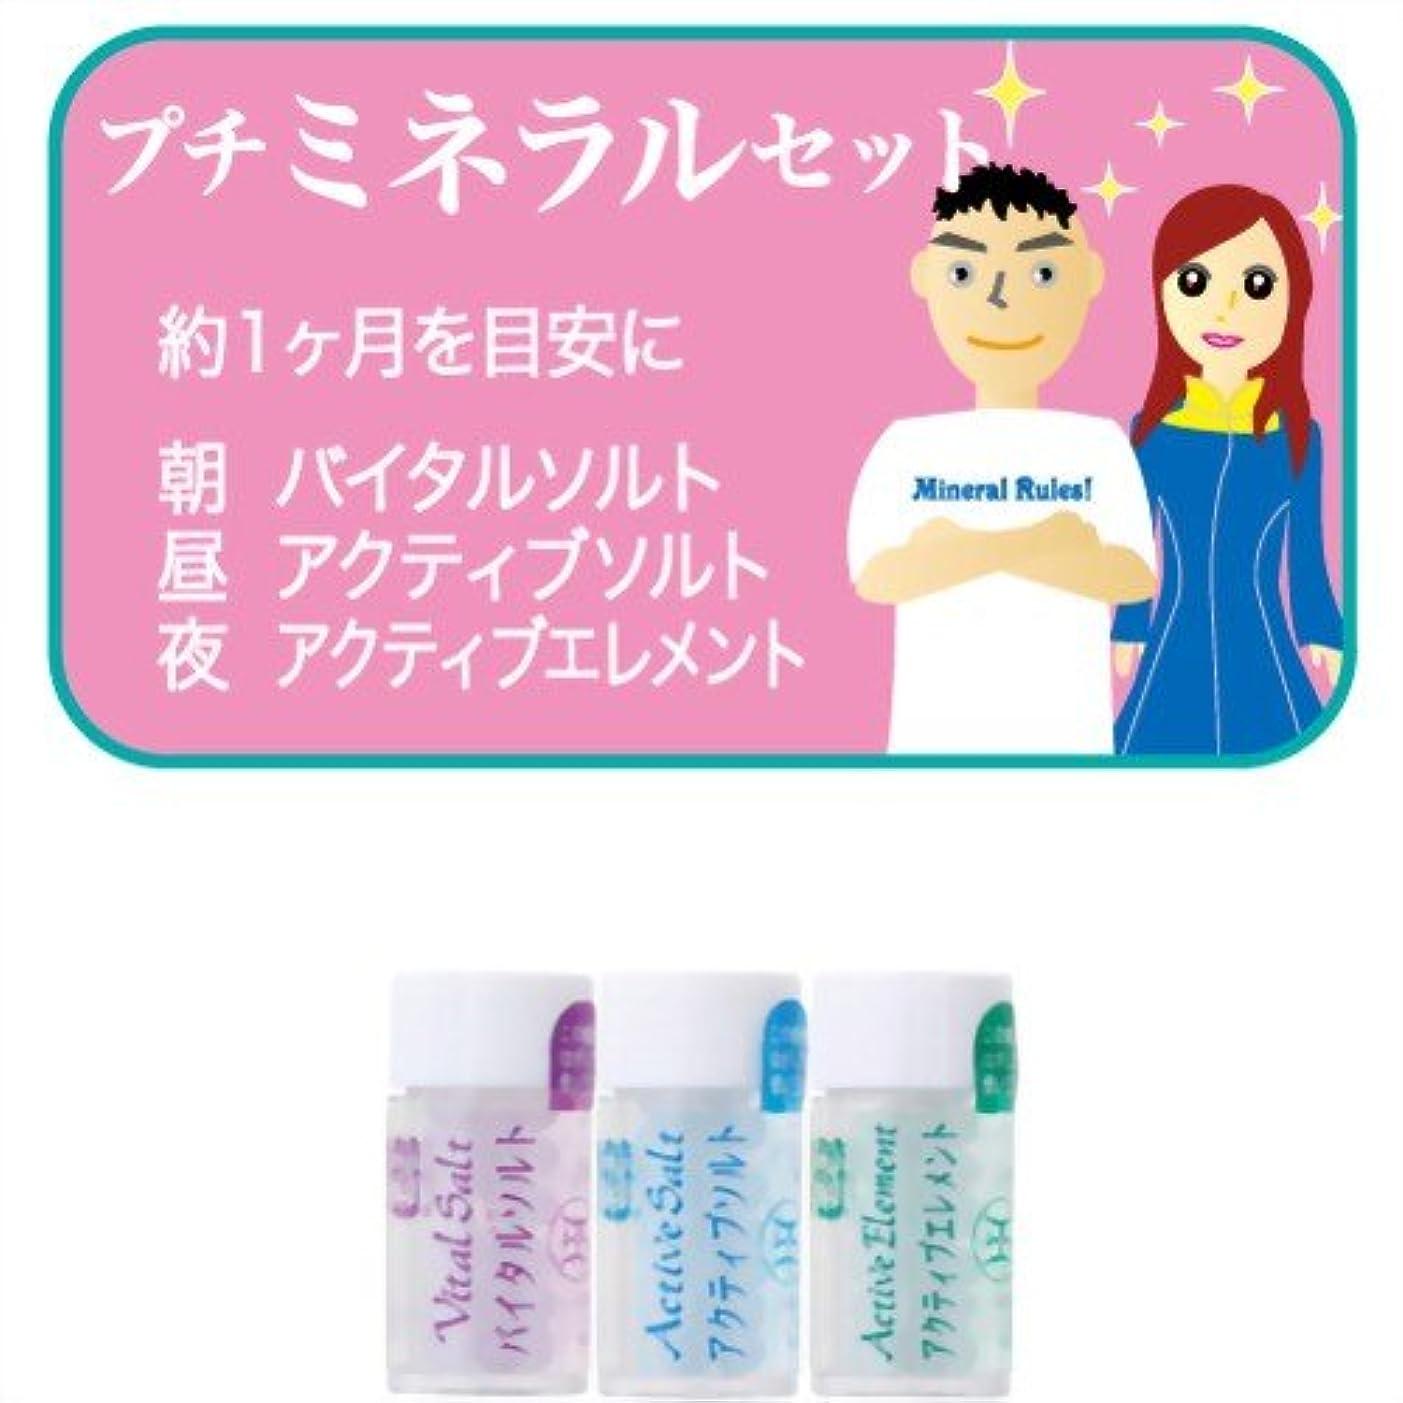 十一メイドルビーホメオパシージャパンレメディー プチミネラルセット